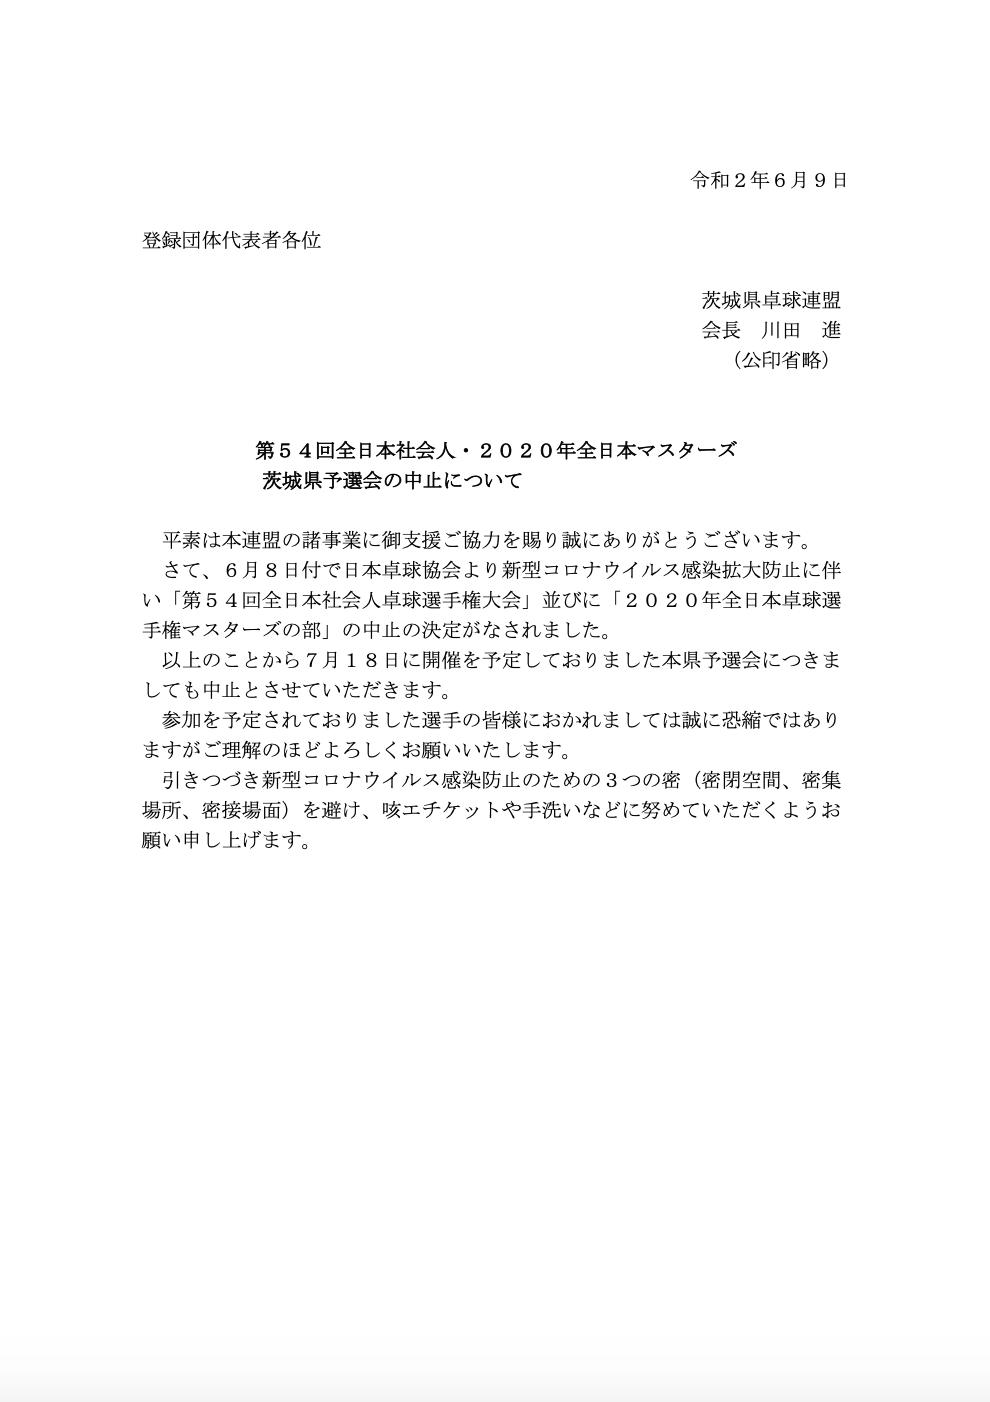 全日本社会人・マスターズ予選会中止のお知らせ